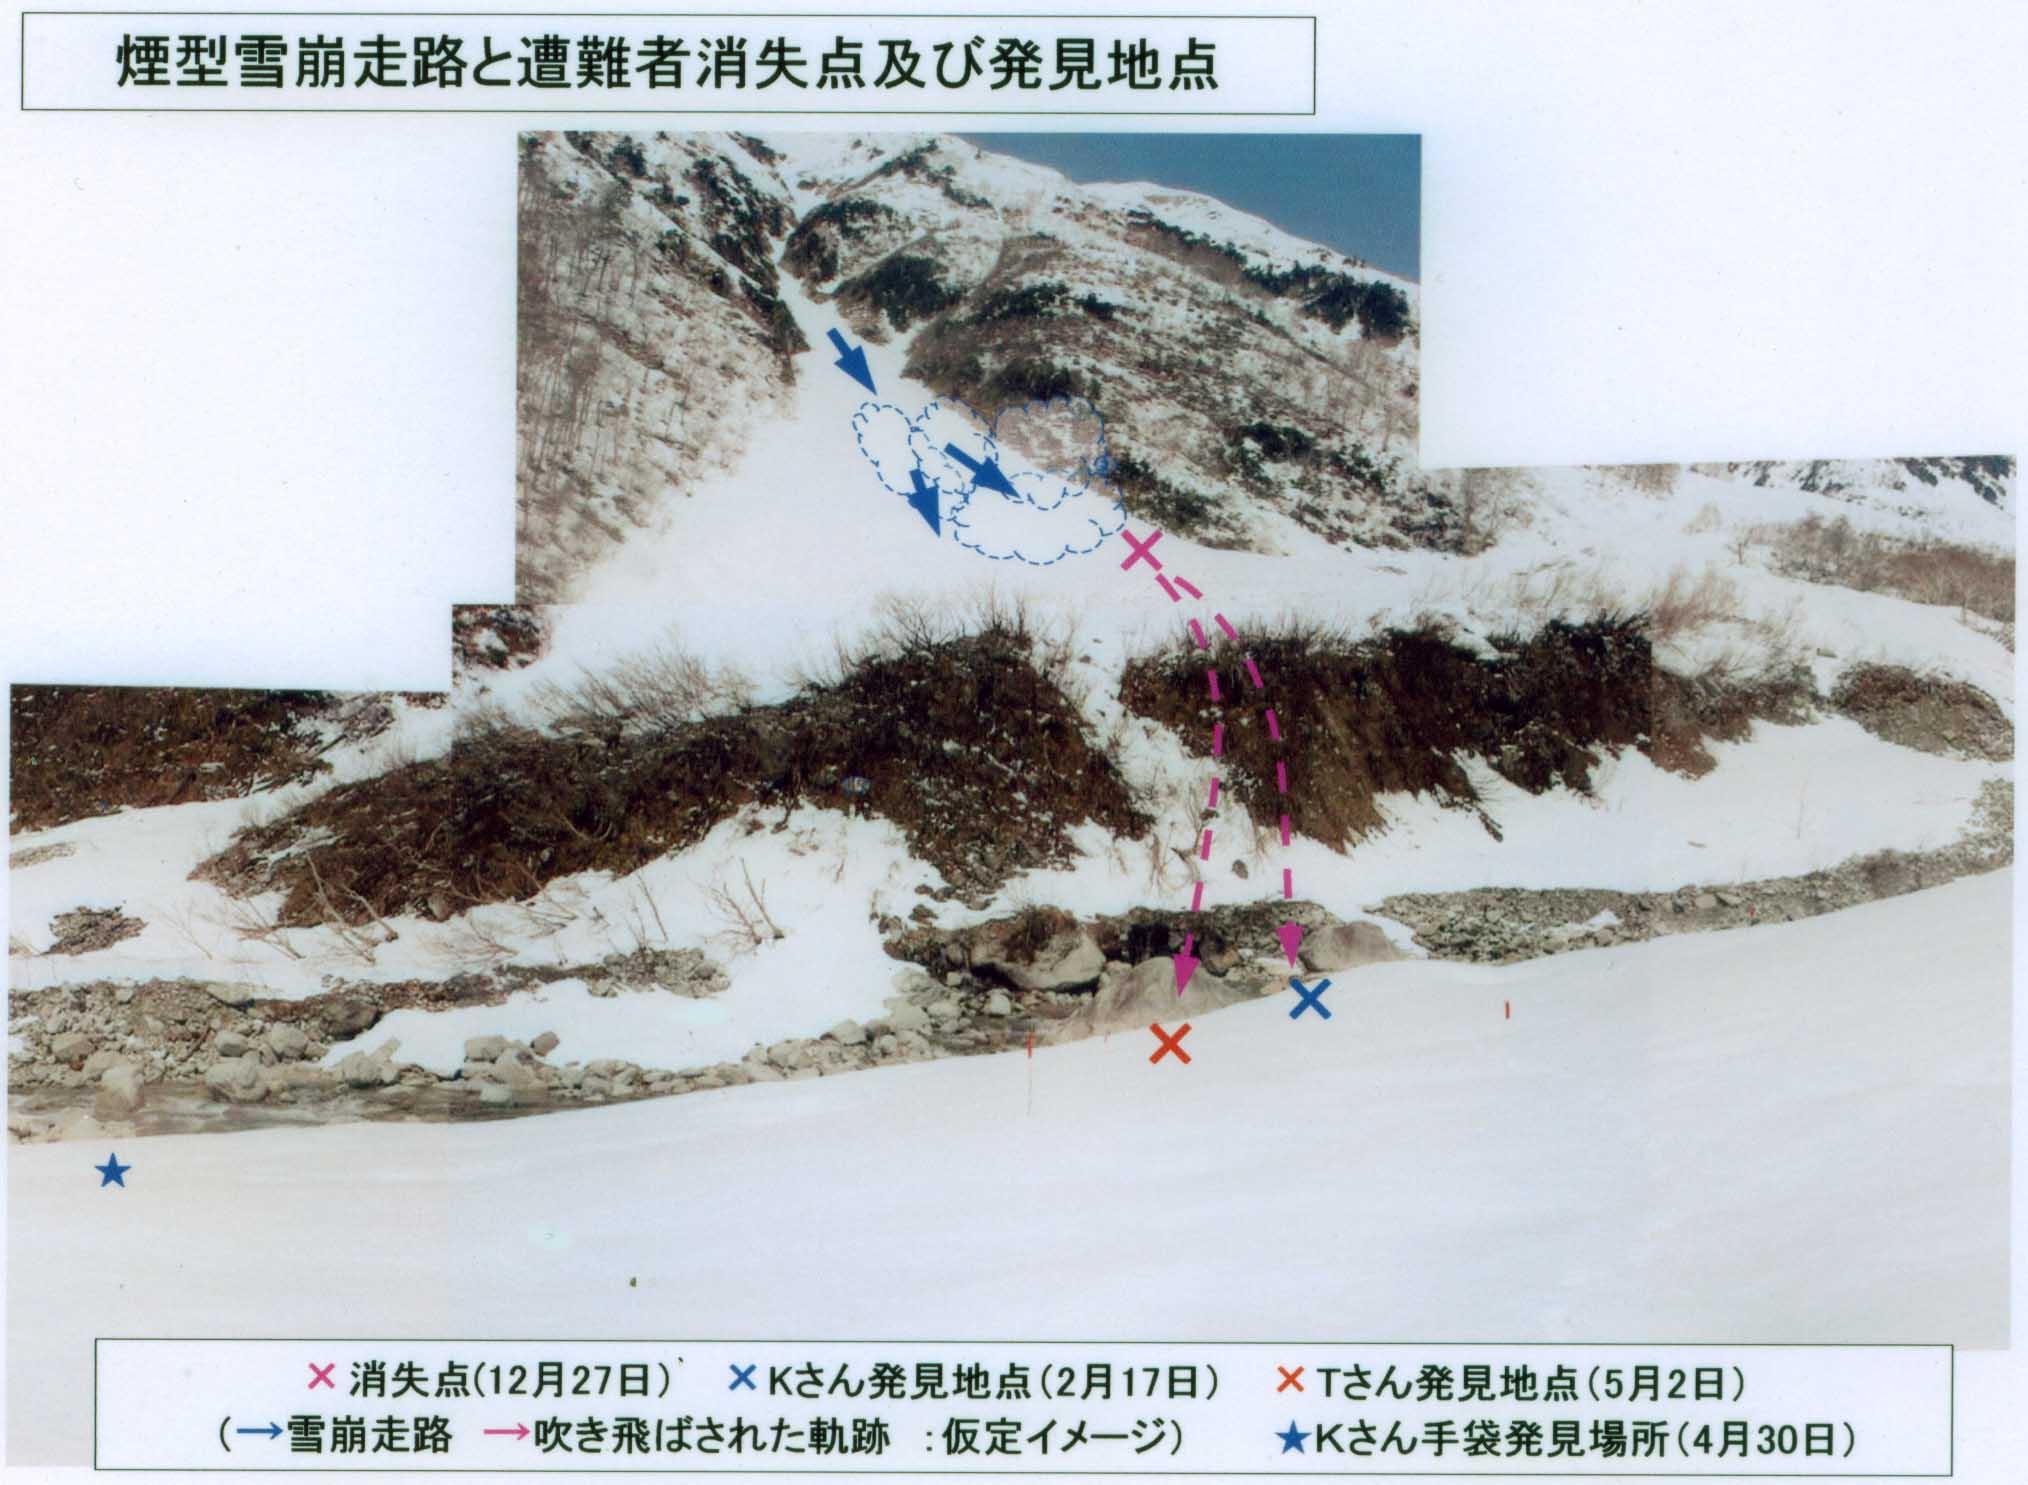 煙型雪崩走路と遭難者消失点及び発見地点